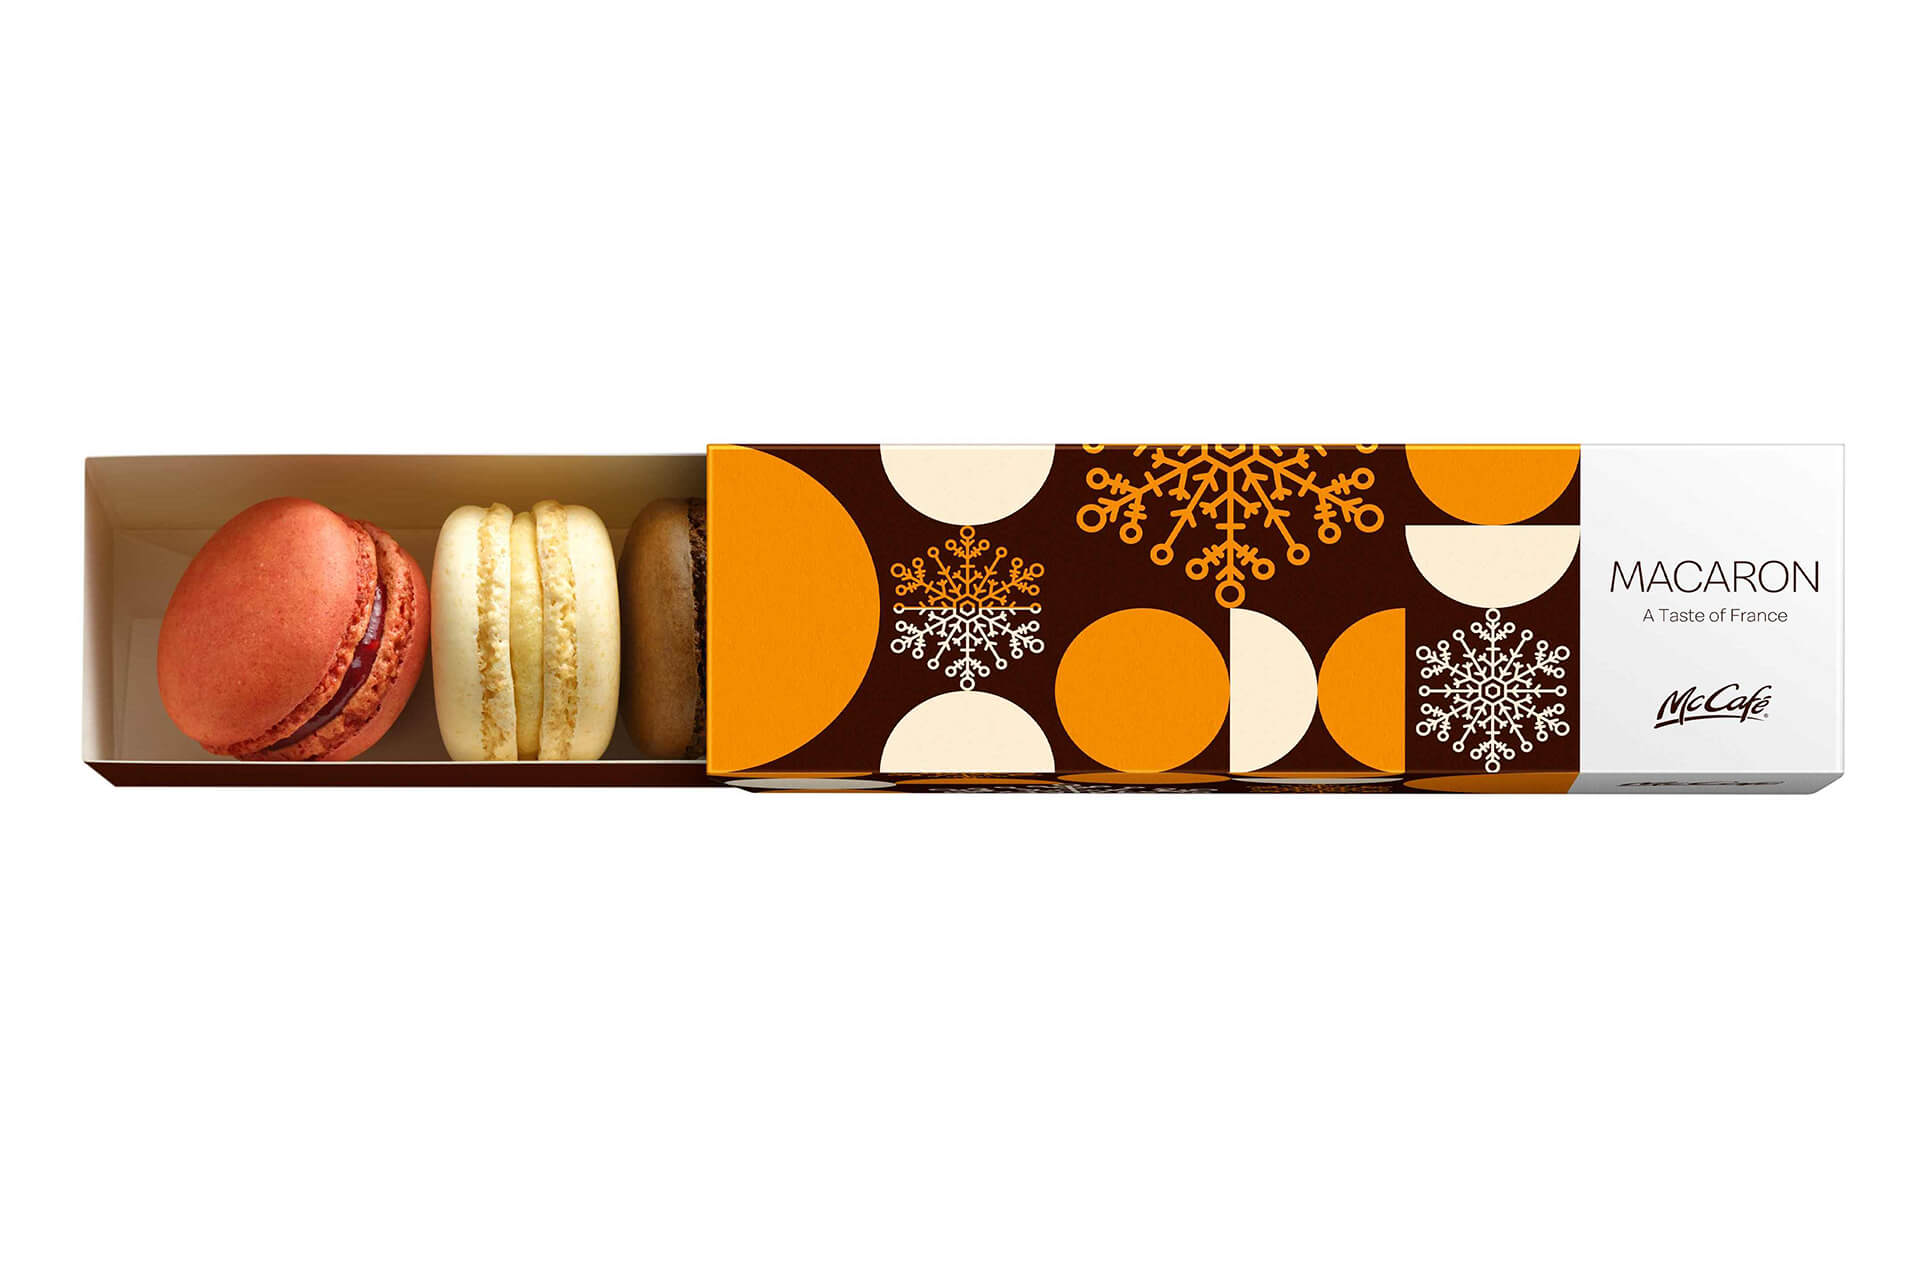 マクドナルド、新作メニュー「マカロン キャラメルシナモン」で寒い季節にほっと一息 gourmet191217-mccafe-macaroon